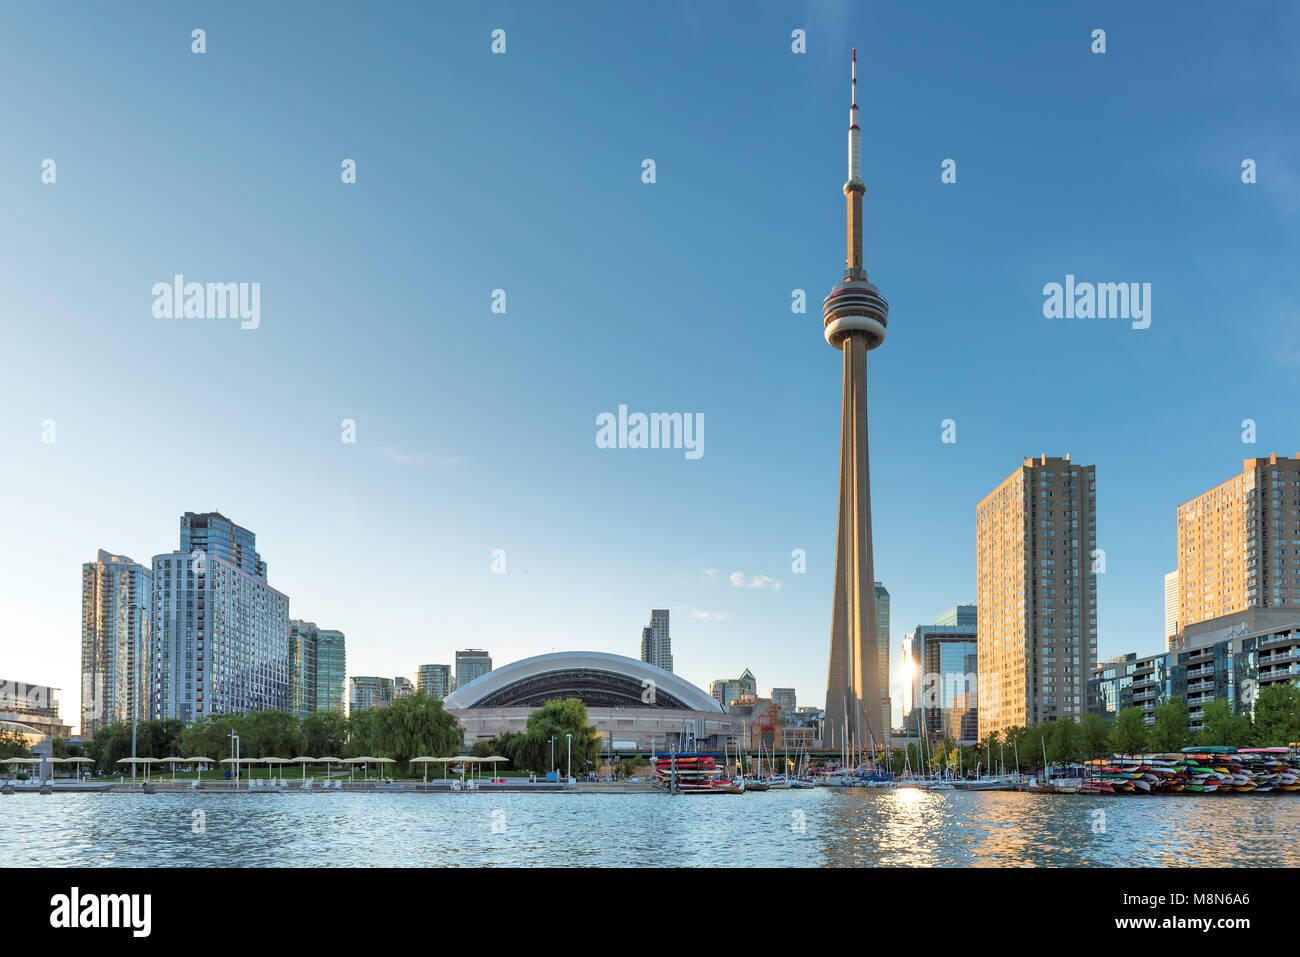 Lo skyline di Toronto, Canada. Immagini Stock